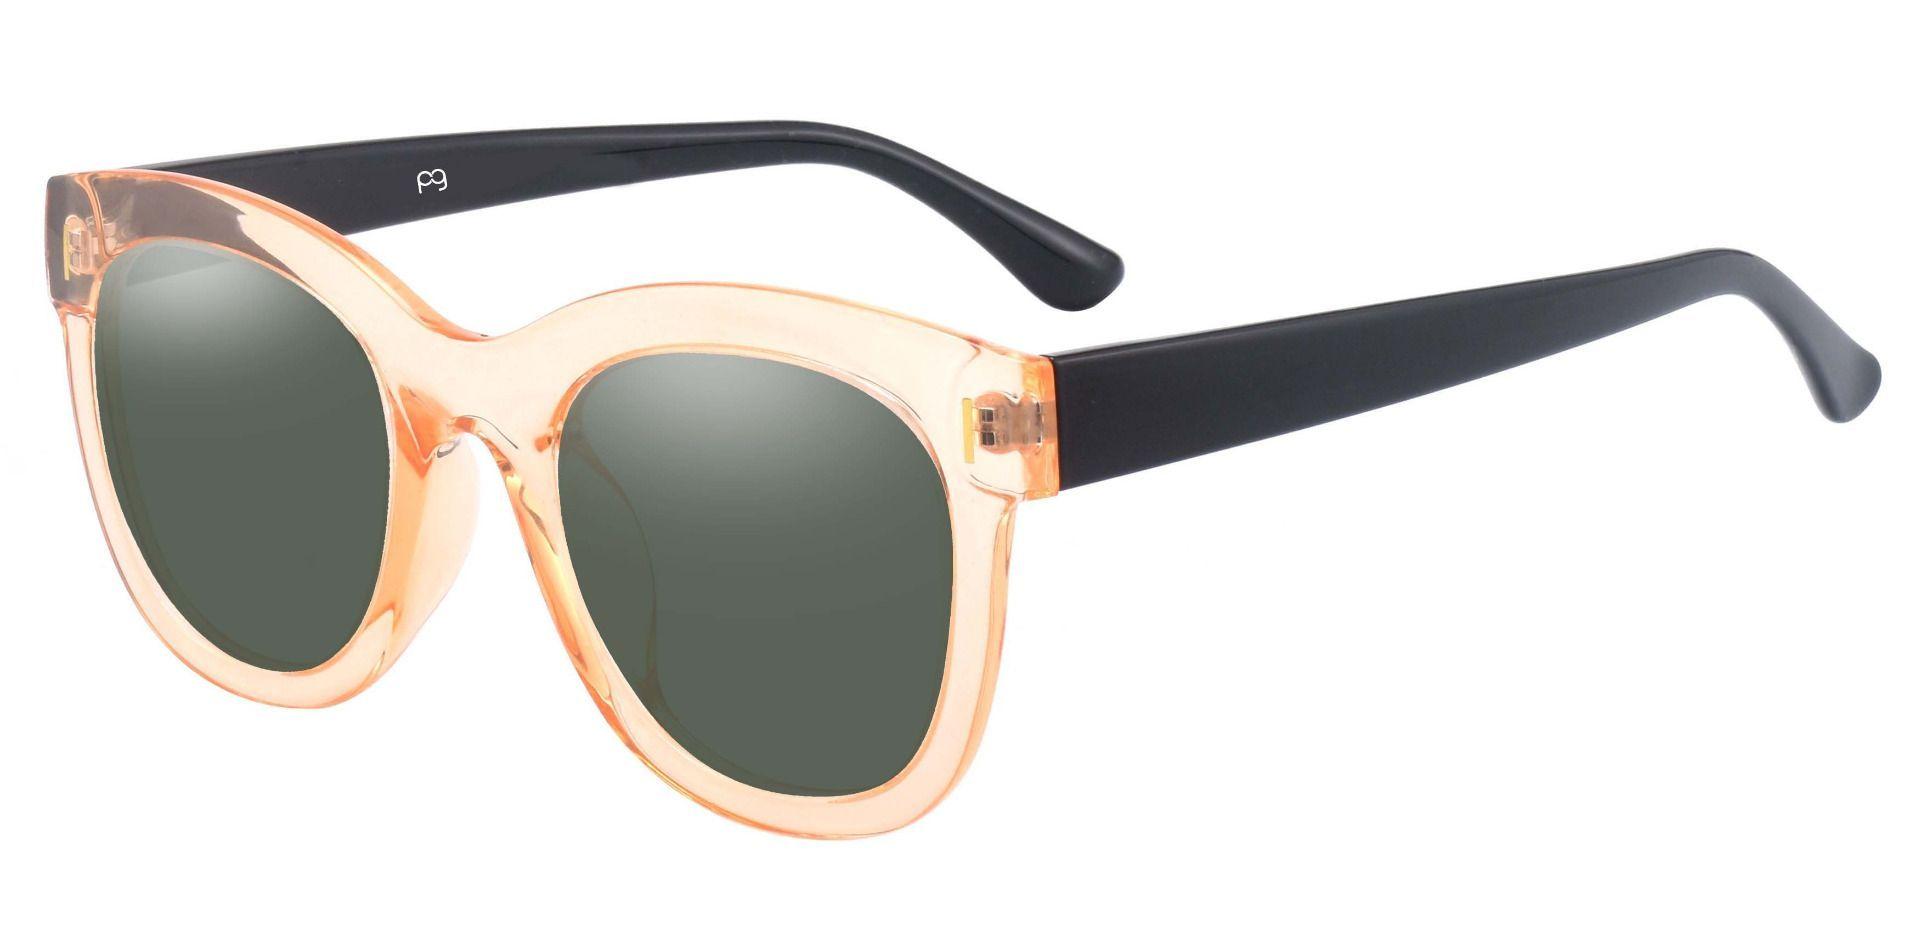 Saratoga Square Prescription Sunglasses - Brown Frame With Green Lenses